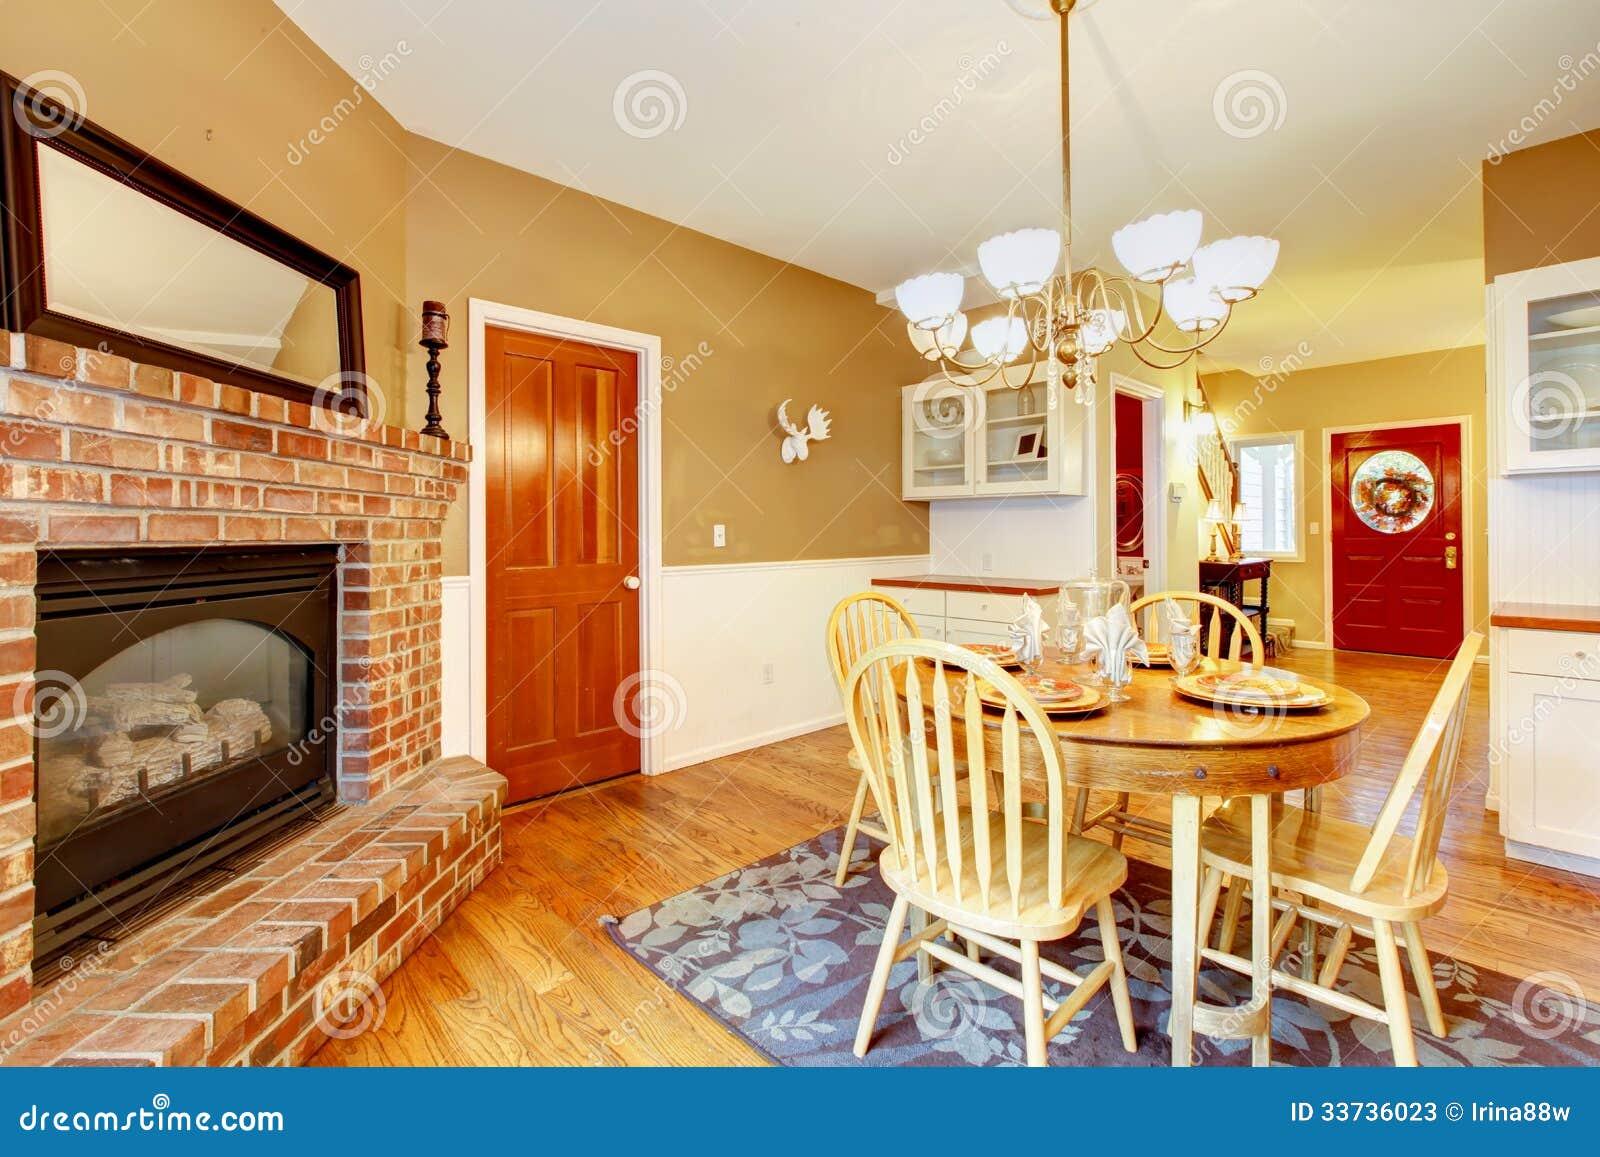 Район столовой завтрака с камином около кухни.